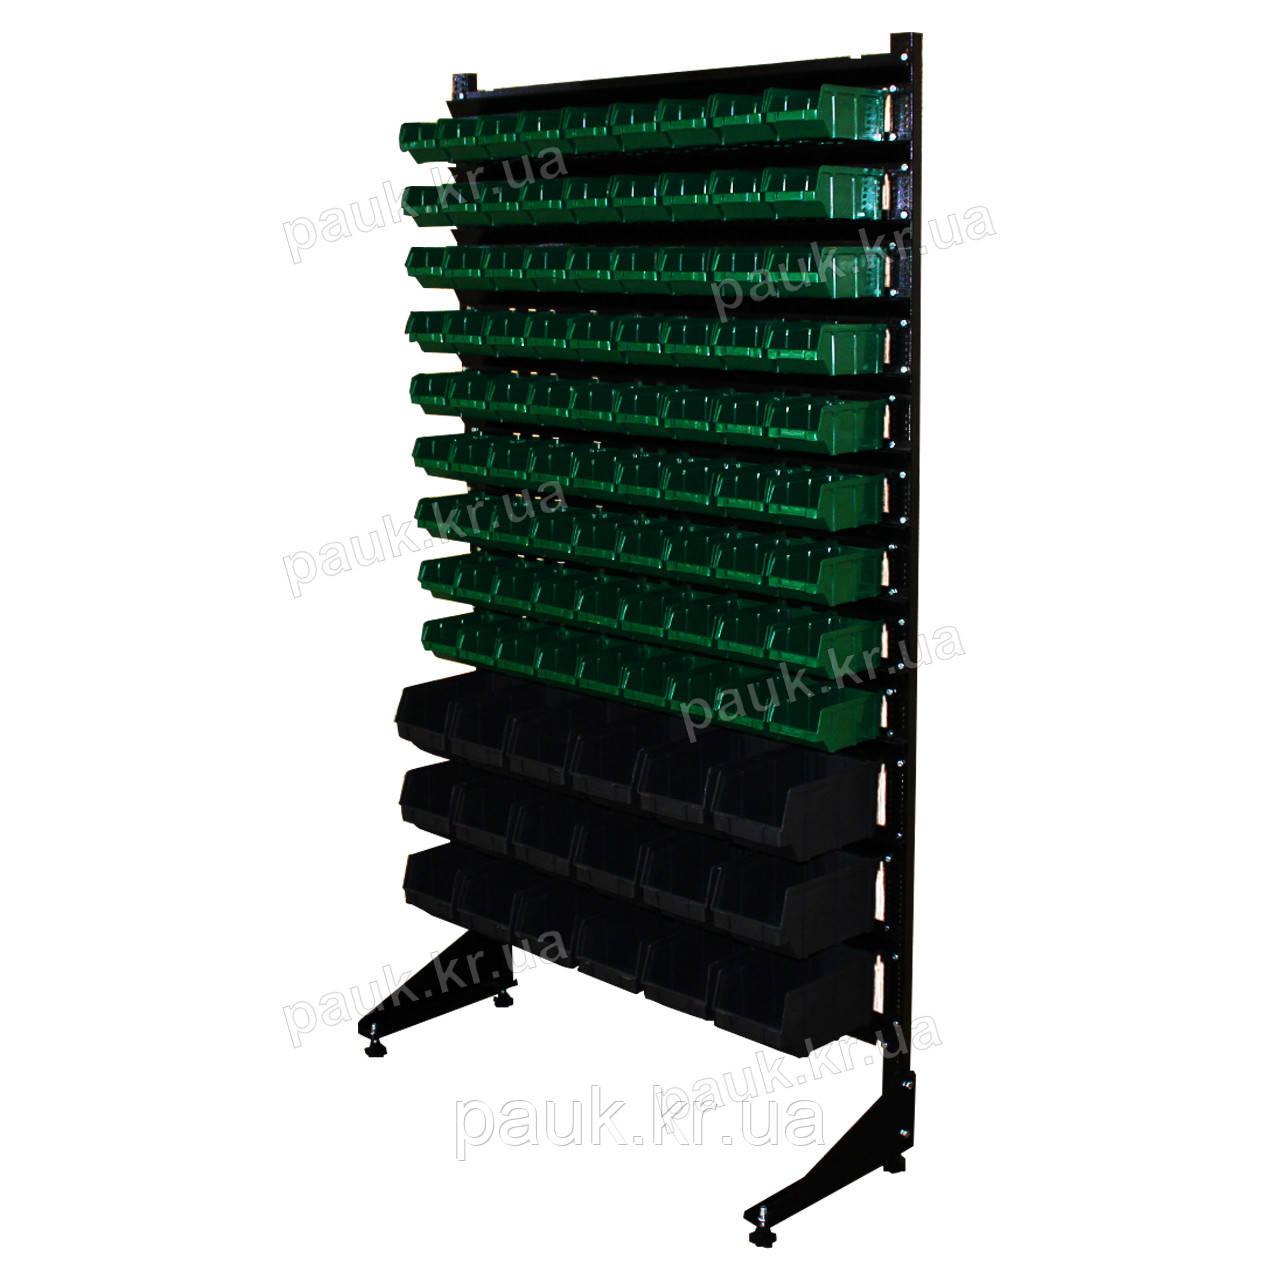 Стеллаж с ящиками 1800 мм 99 ящиков, стеллаж односторонний с пластиковыми контейнерами В/С